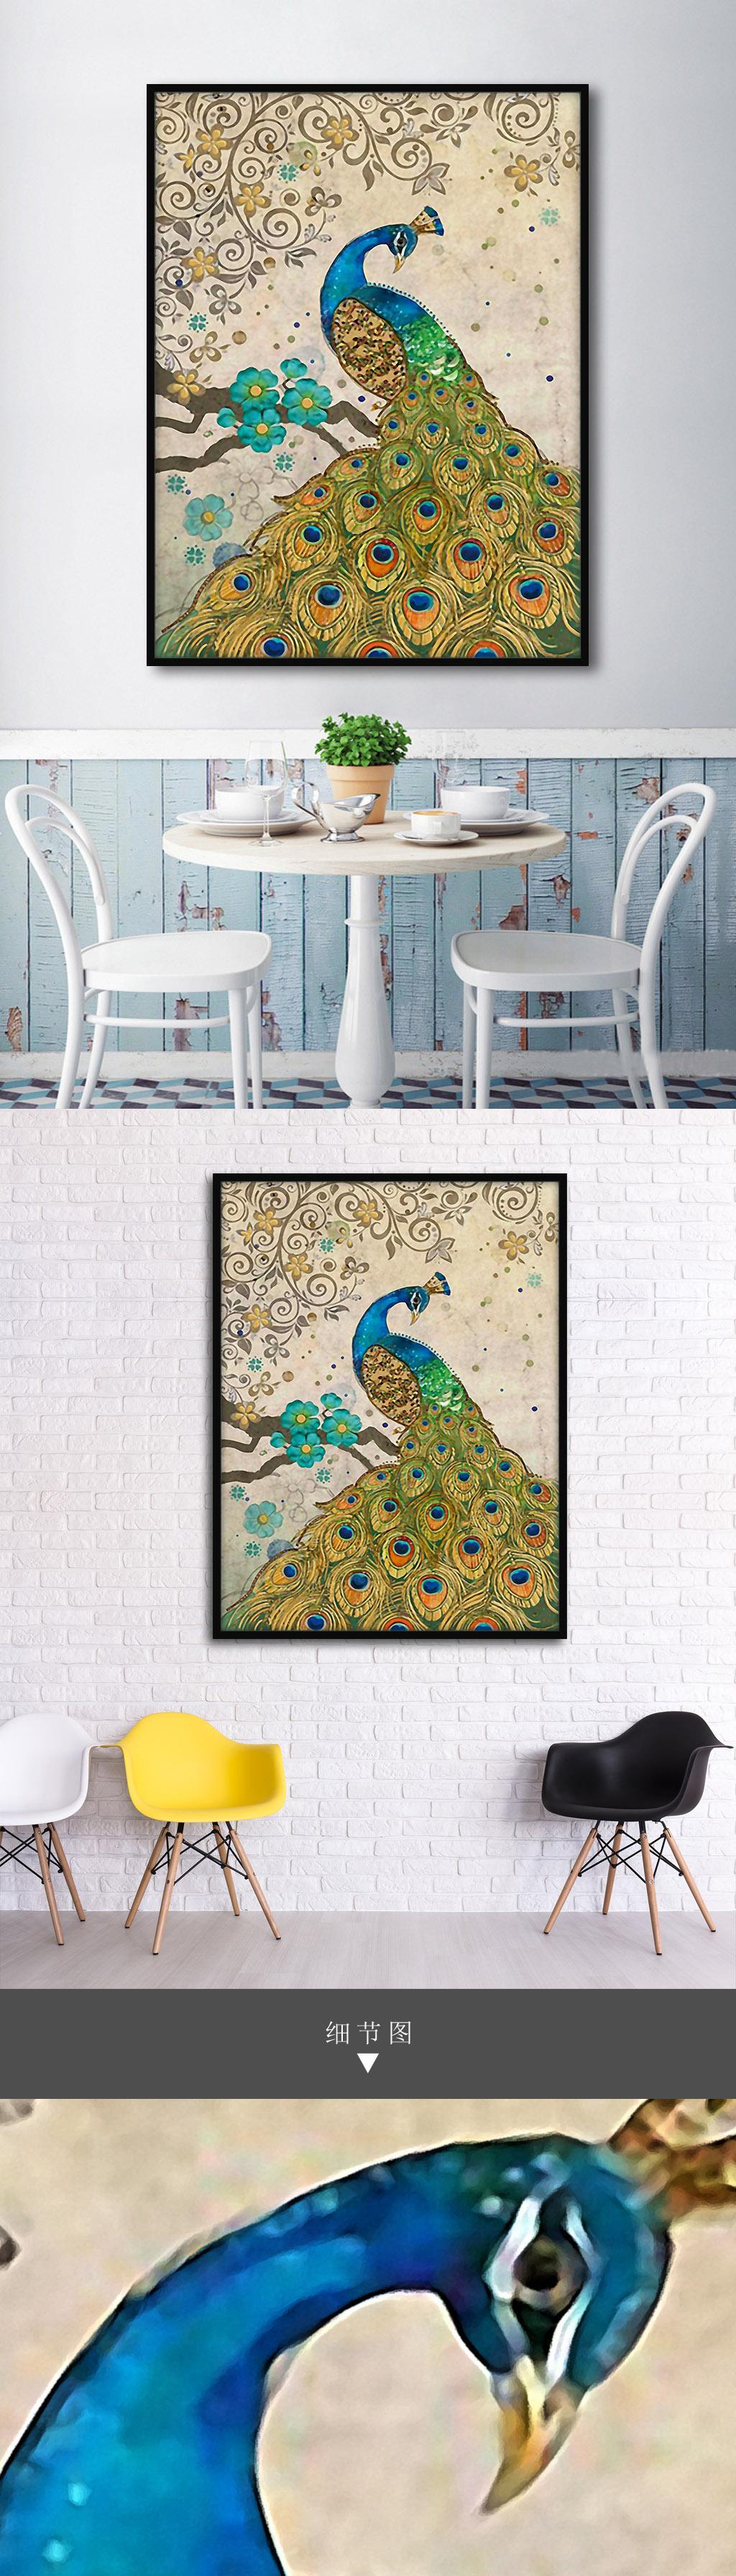 优雅孔雀图东南亚风格手绘室内客厅装.